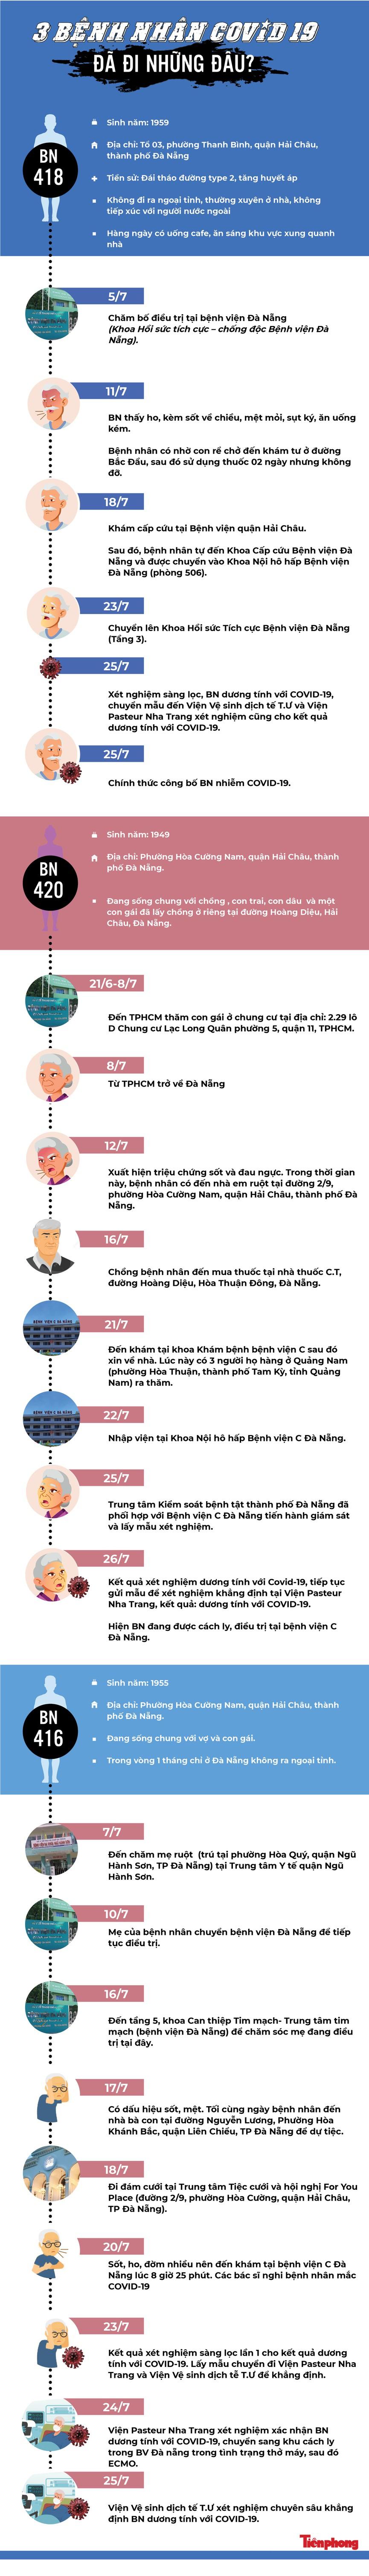 [Infographics] Các ca mắc mới Covid-19 ở Đà Nẵng có lịch trình di chuyển, tiếp xúc phức tạp - Ảnh 1